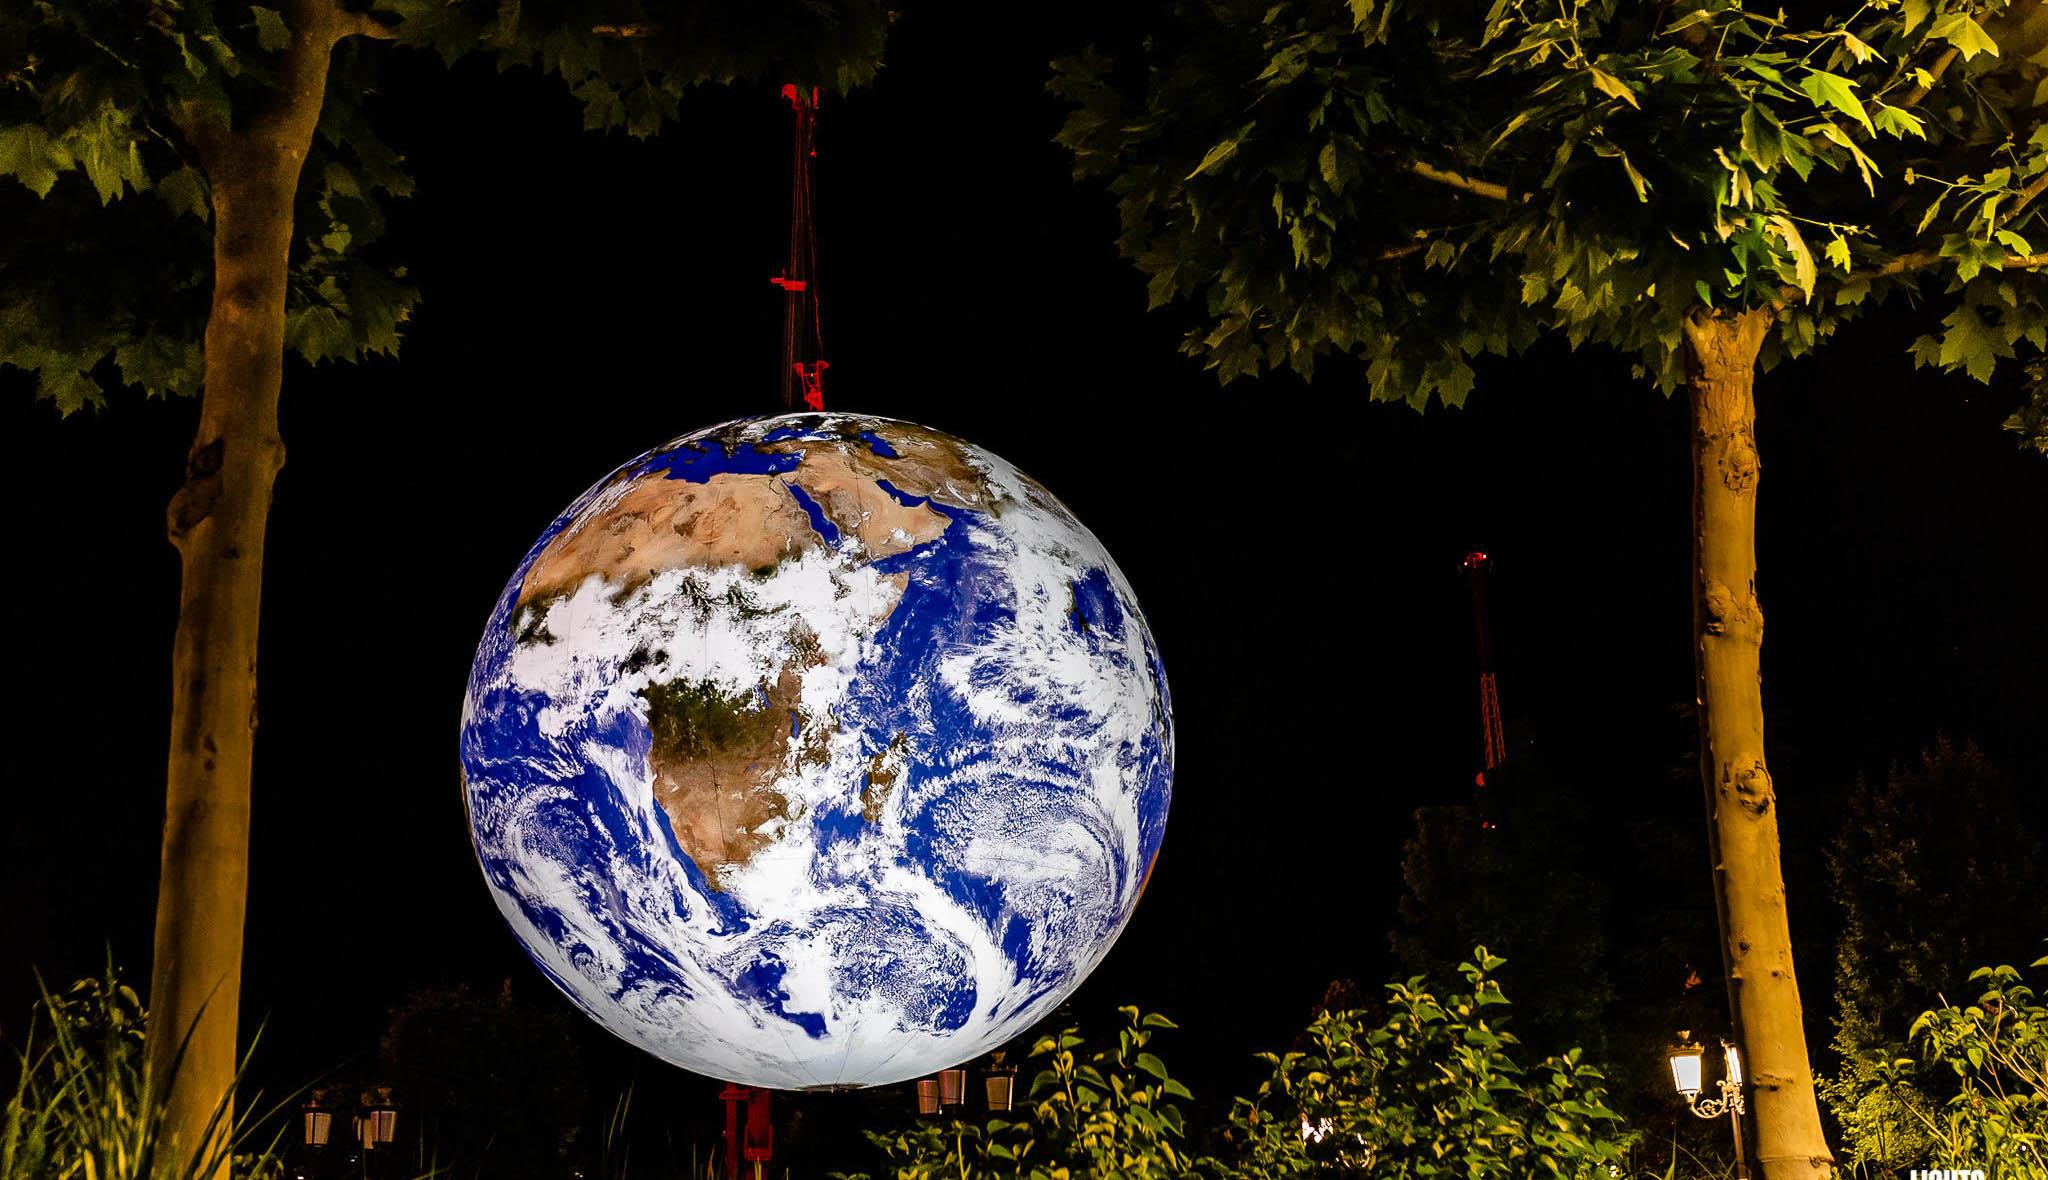 Föld-installáció Sepsiszentgyörgyön